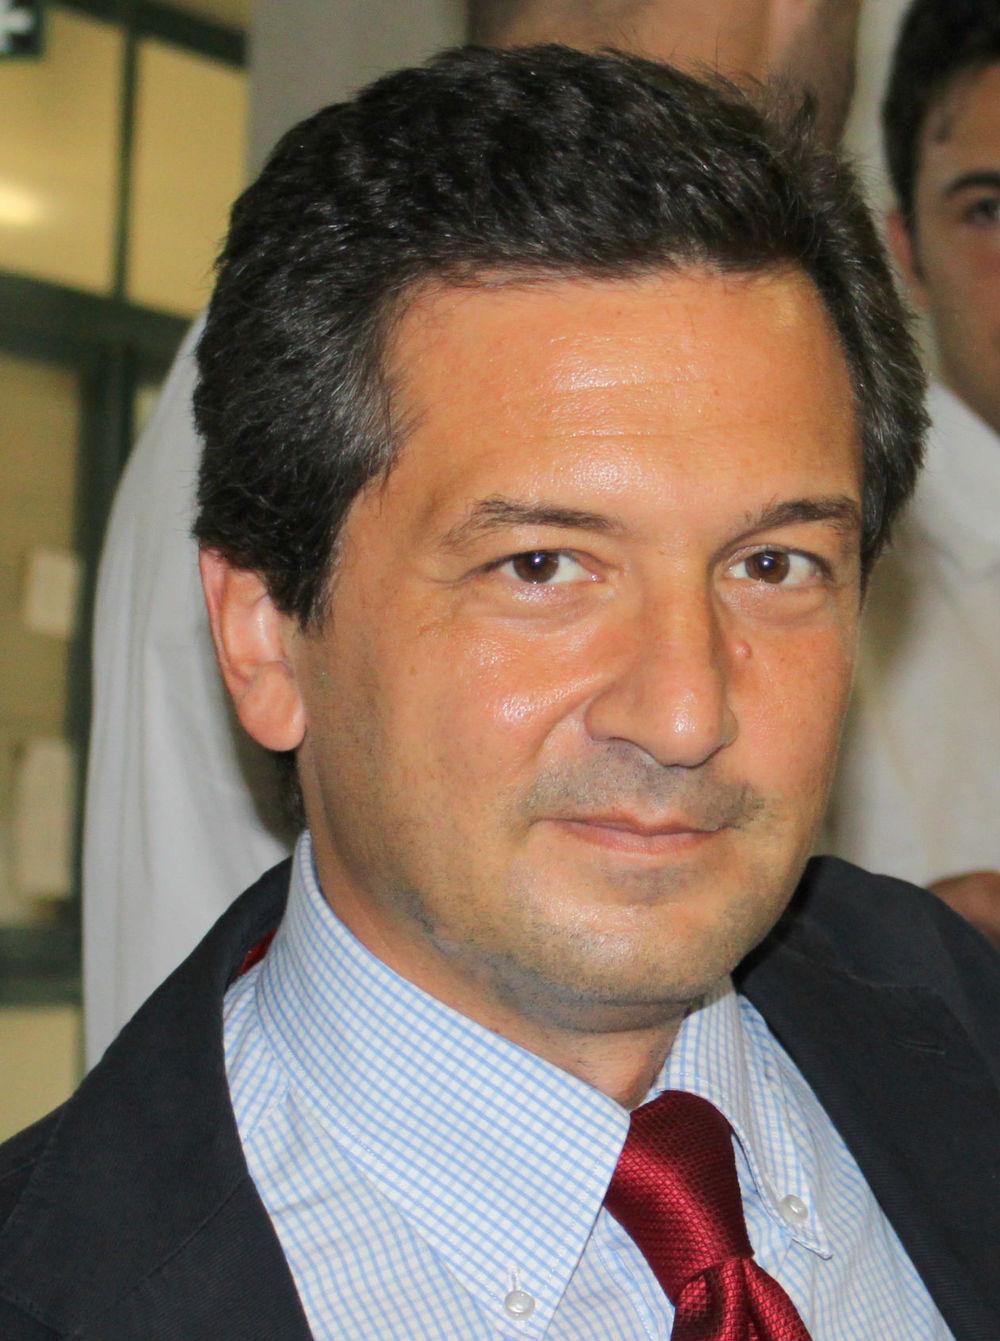 Giuseppe Carlo Marano